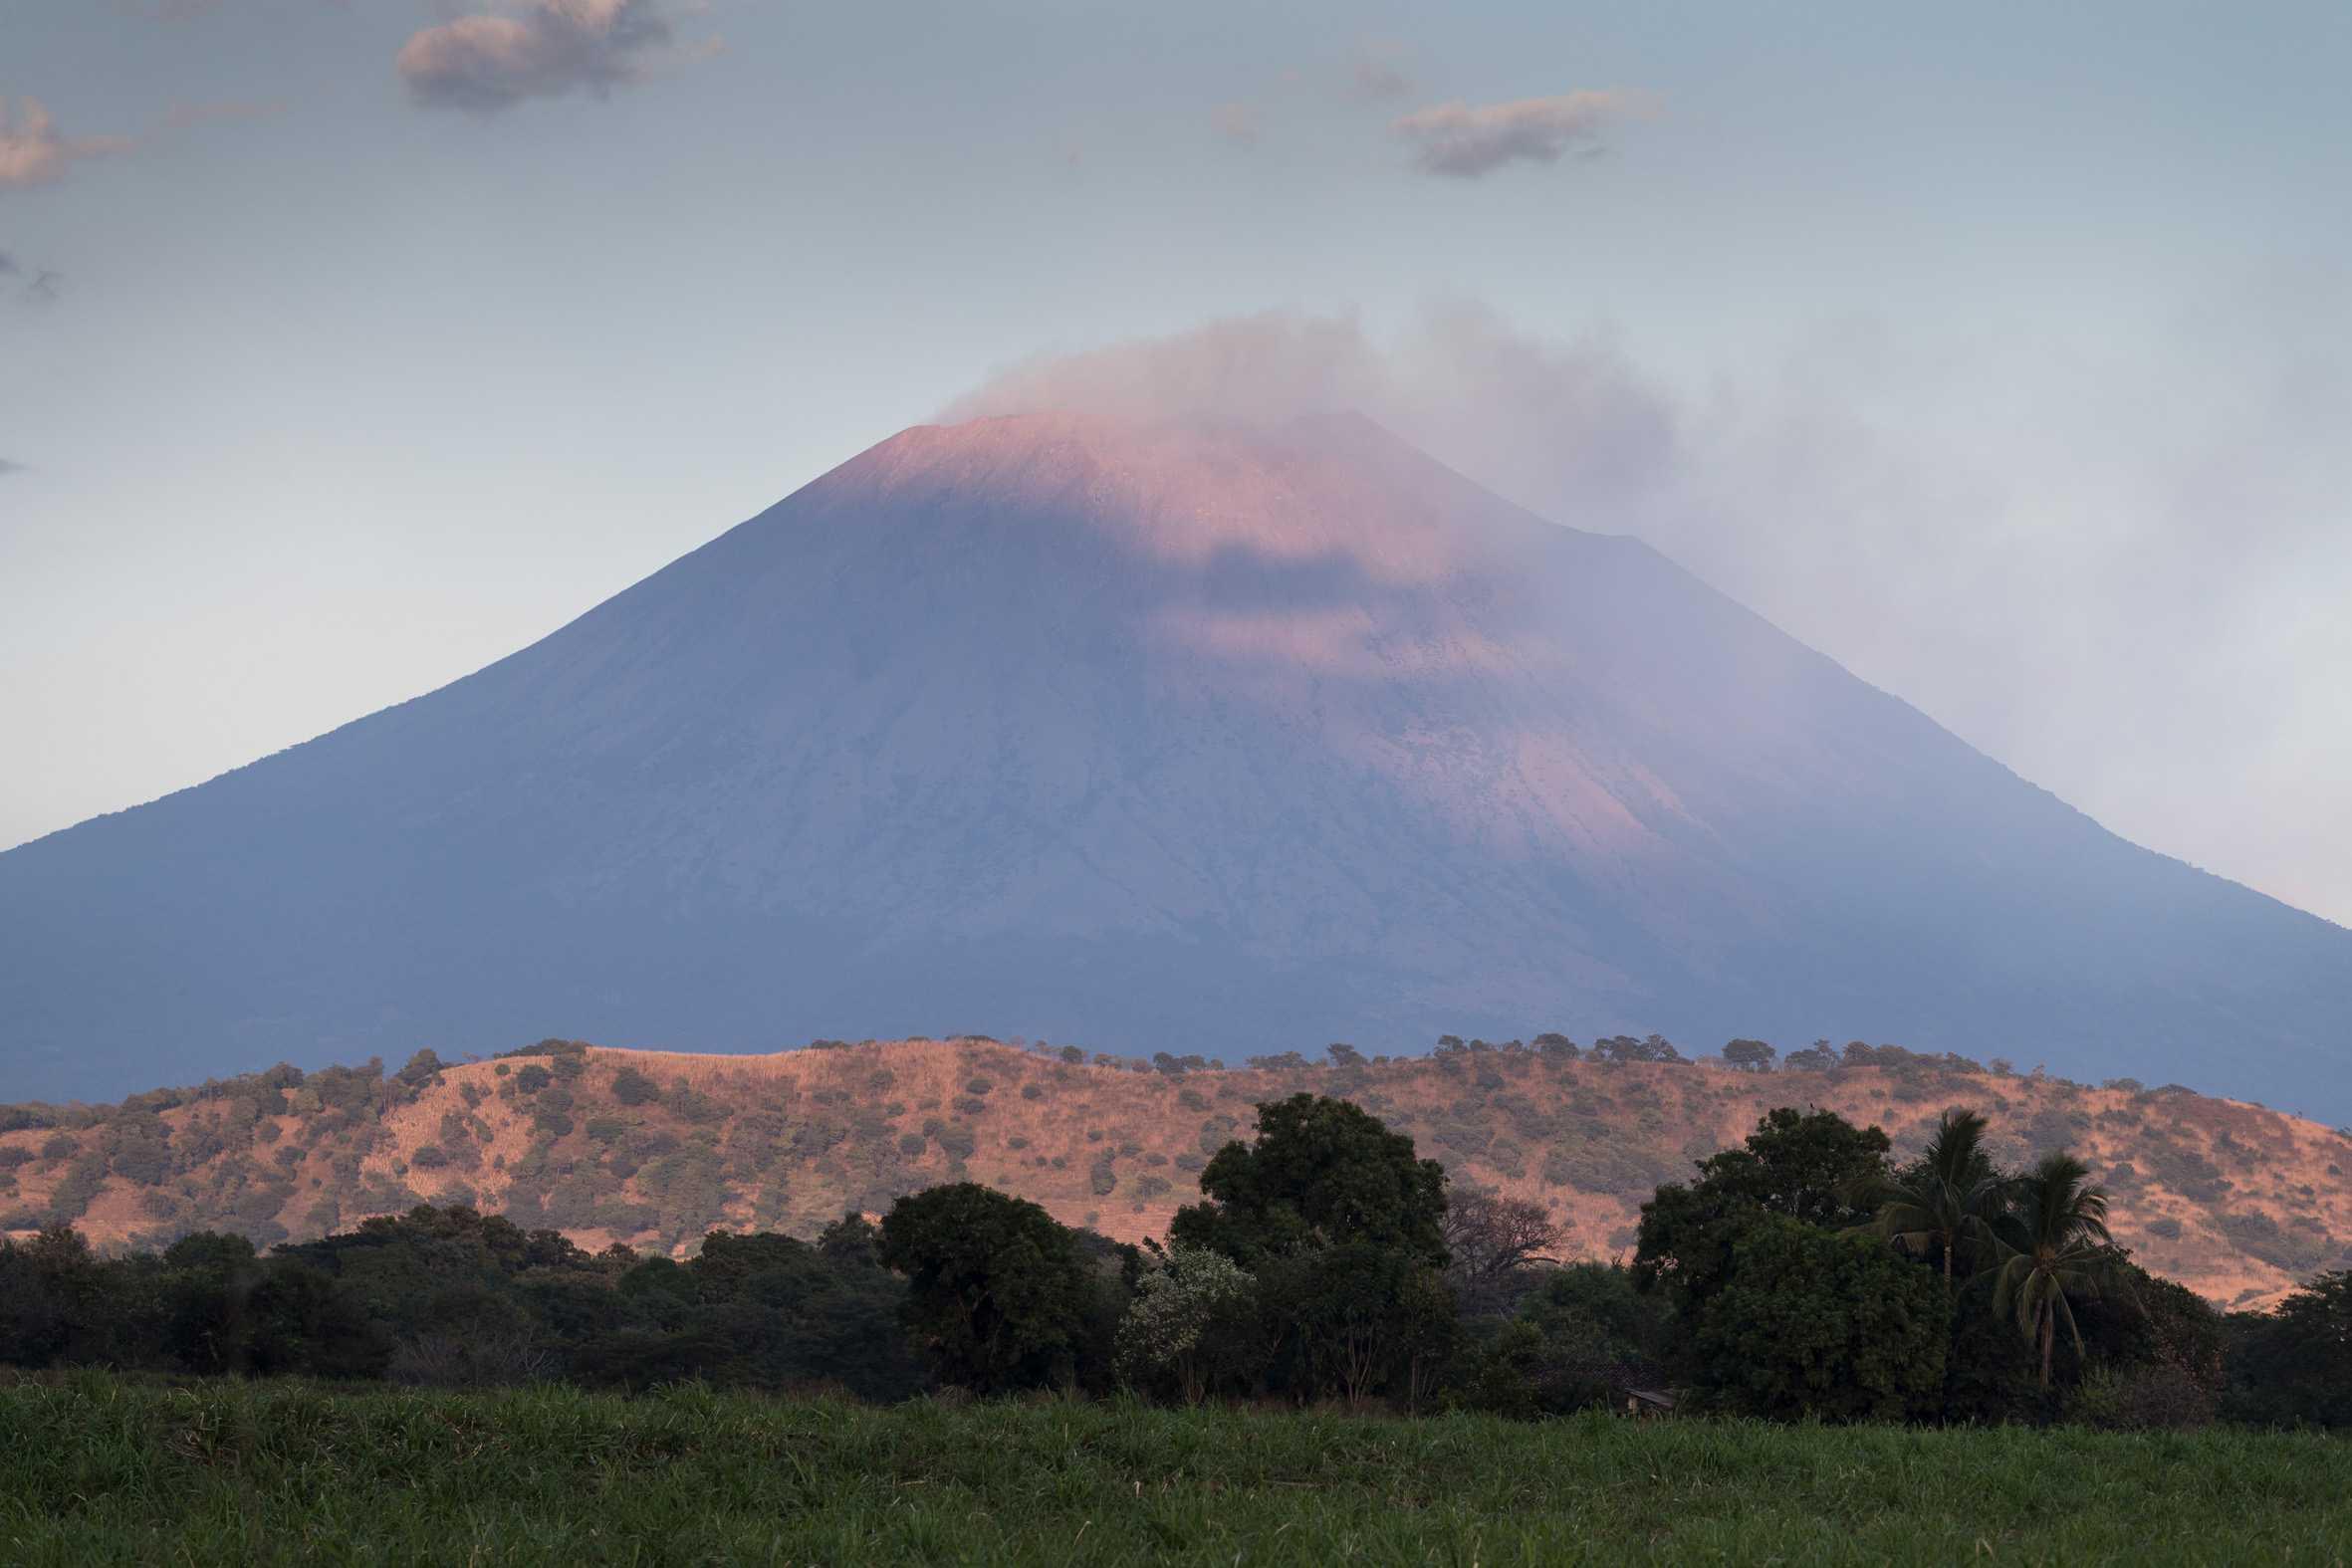 Vulkan Chinameca und Vulkan von San Miguel in El Salvador.